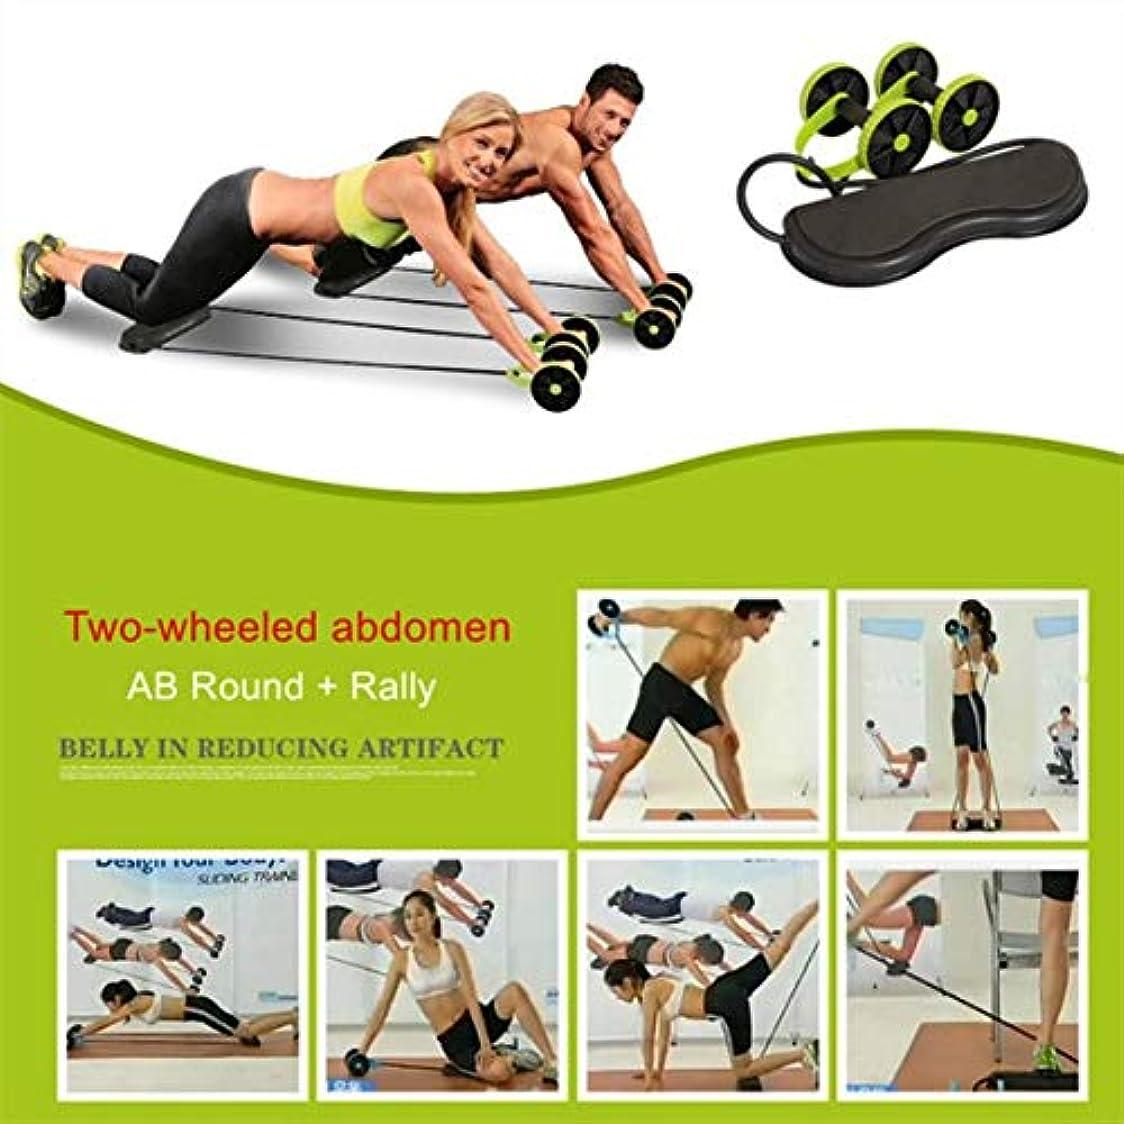 してはいけません時系列感情JS-04多機能腹輪腹筋輪腹輪テンションロープ筋肉トレーニングマシン(グリーン&ブラック)